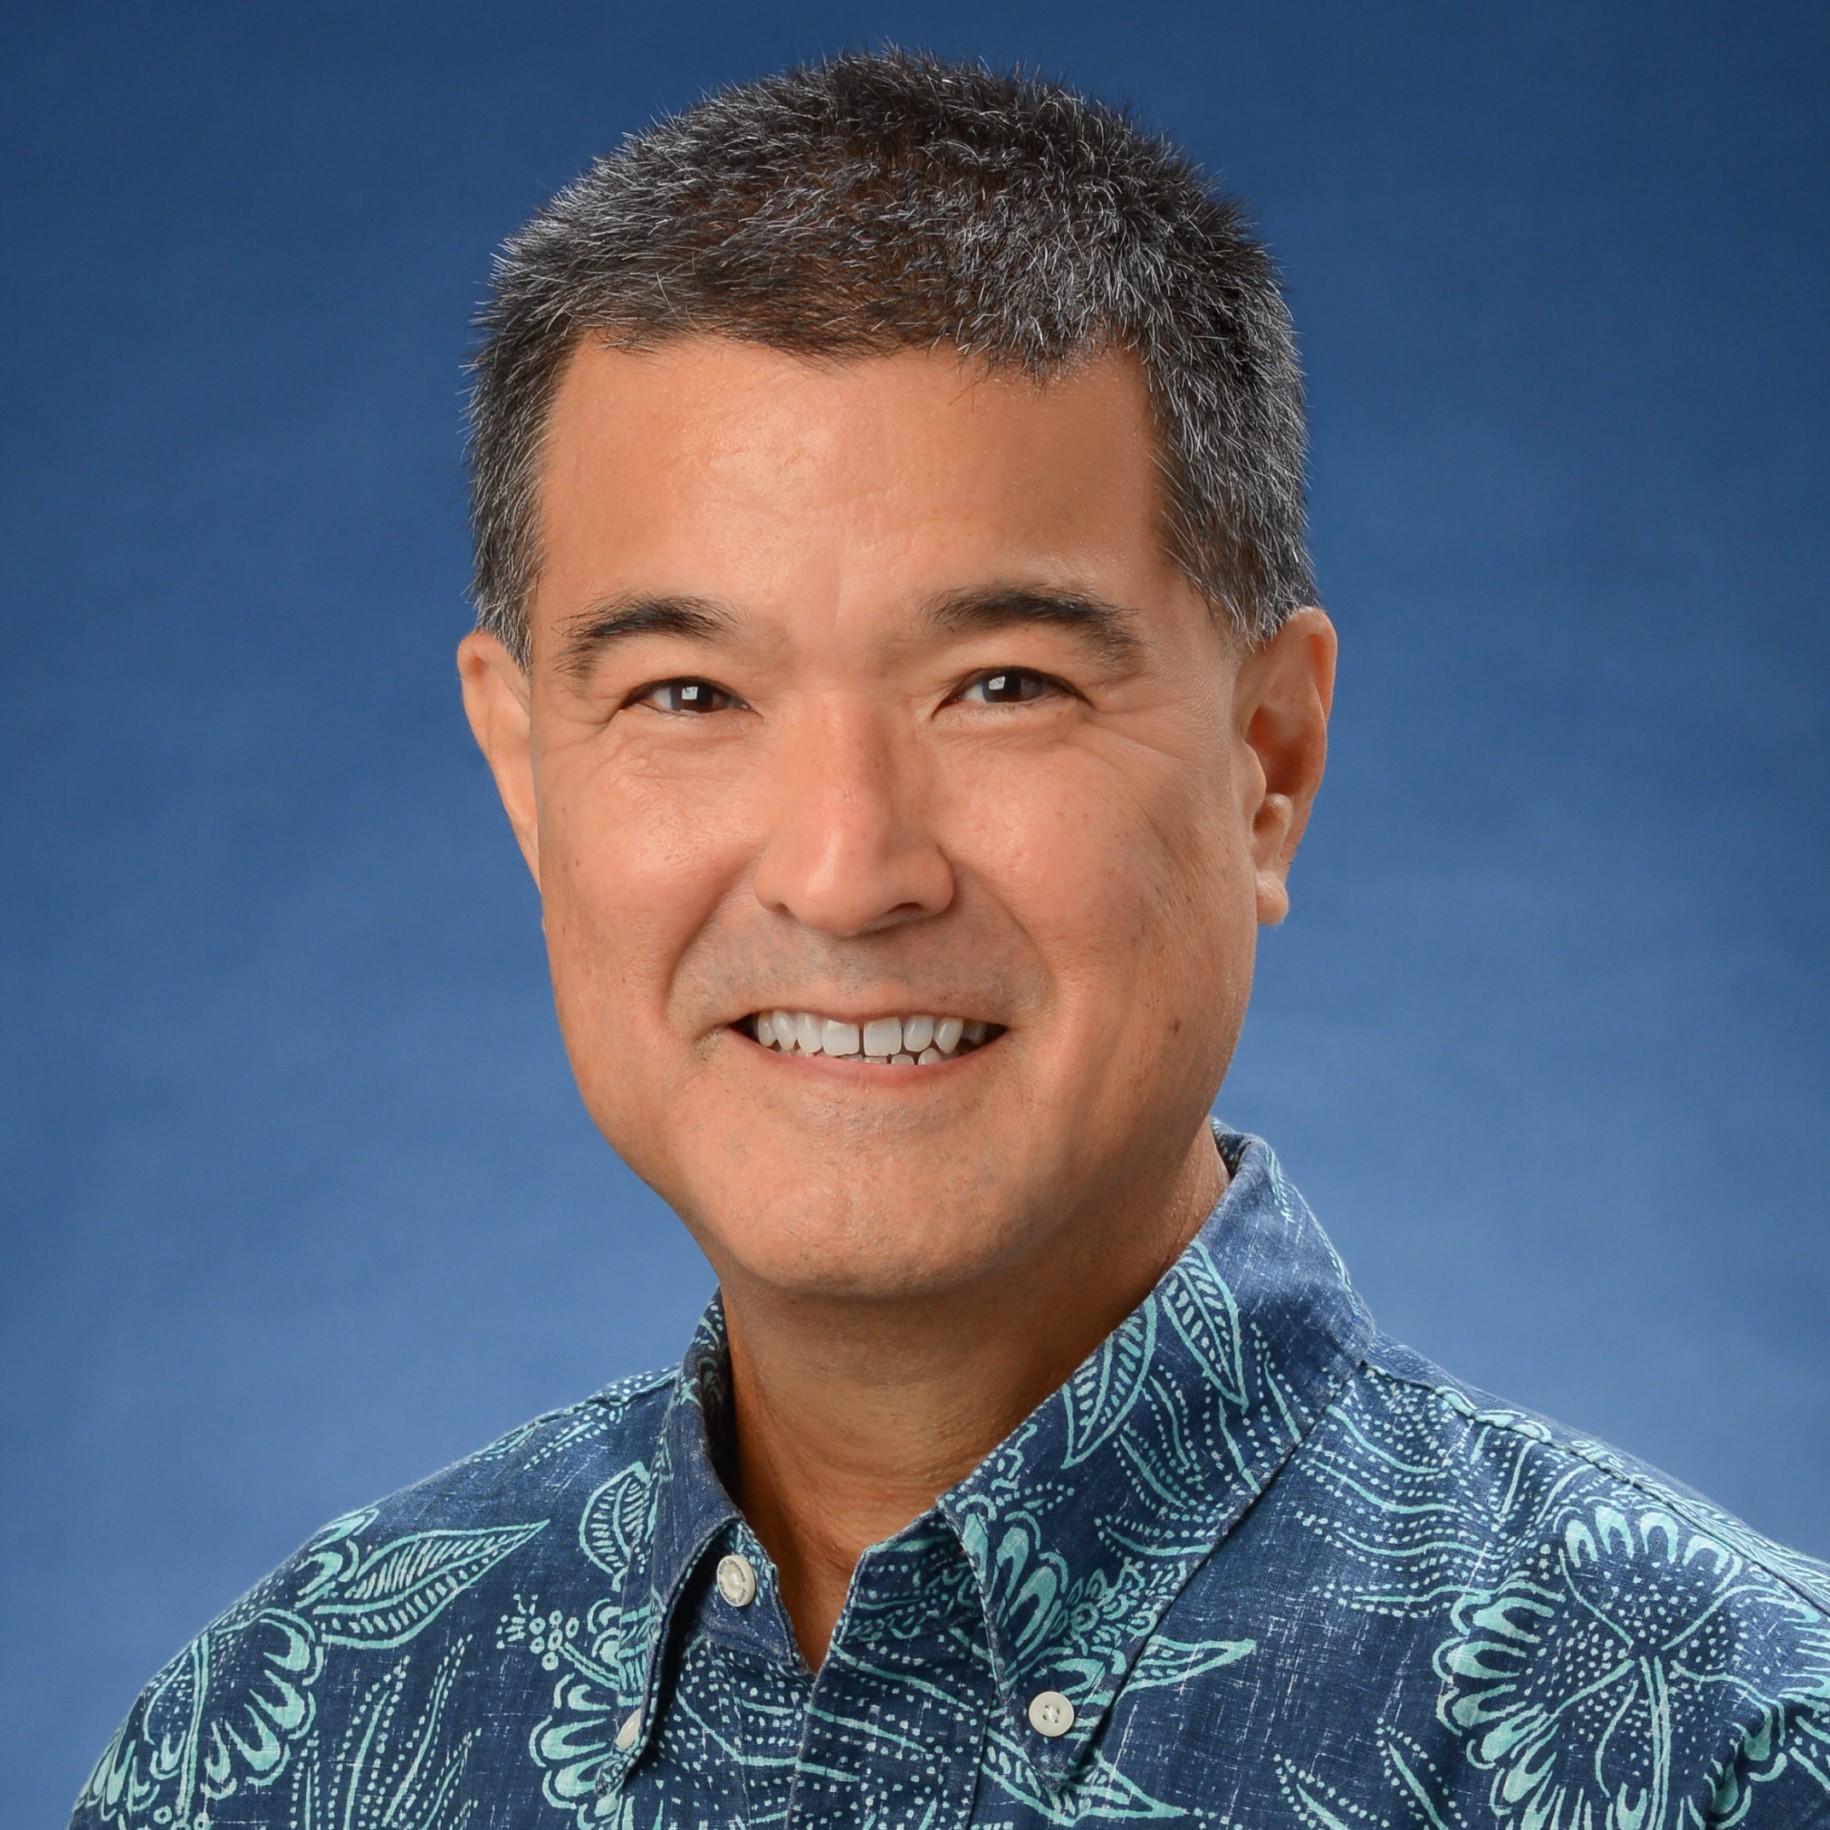 Toby Tonaki